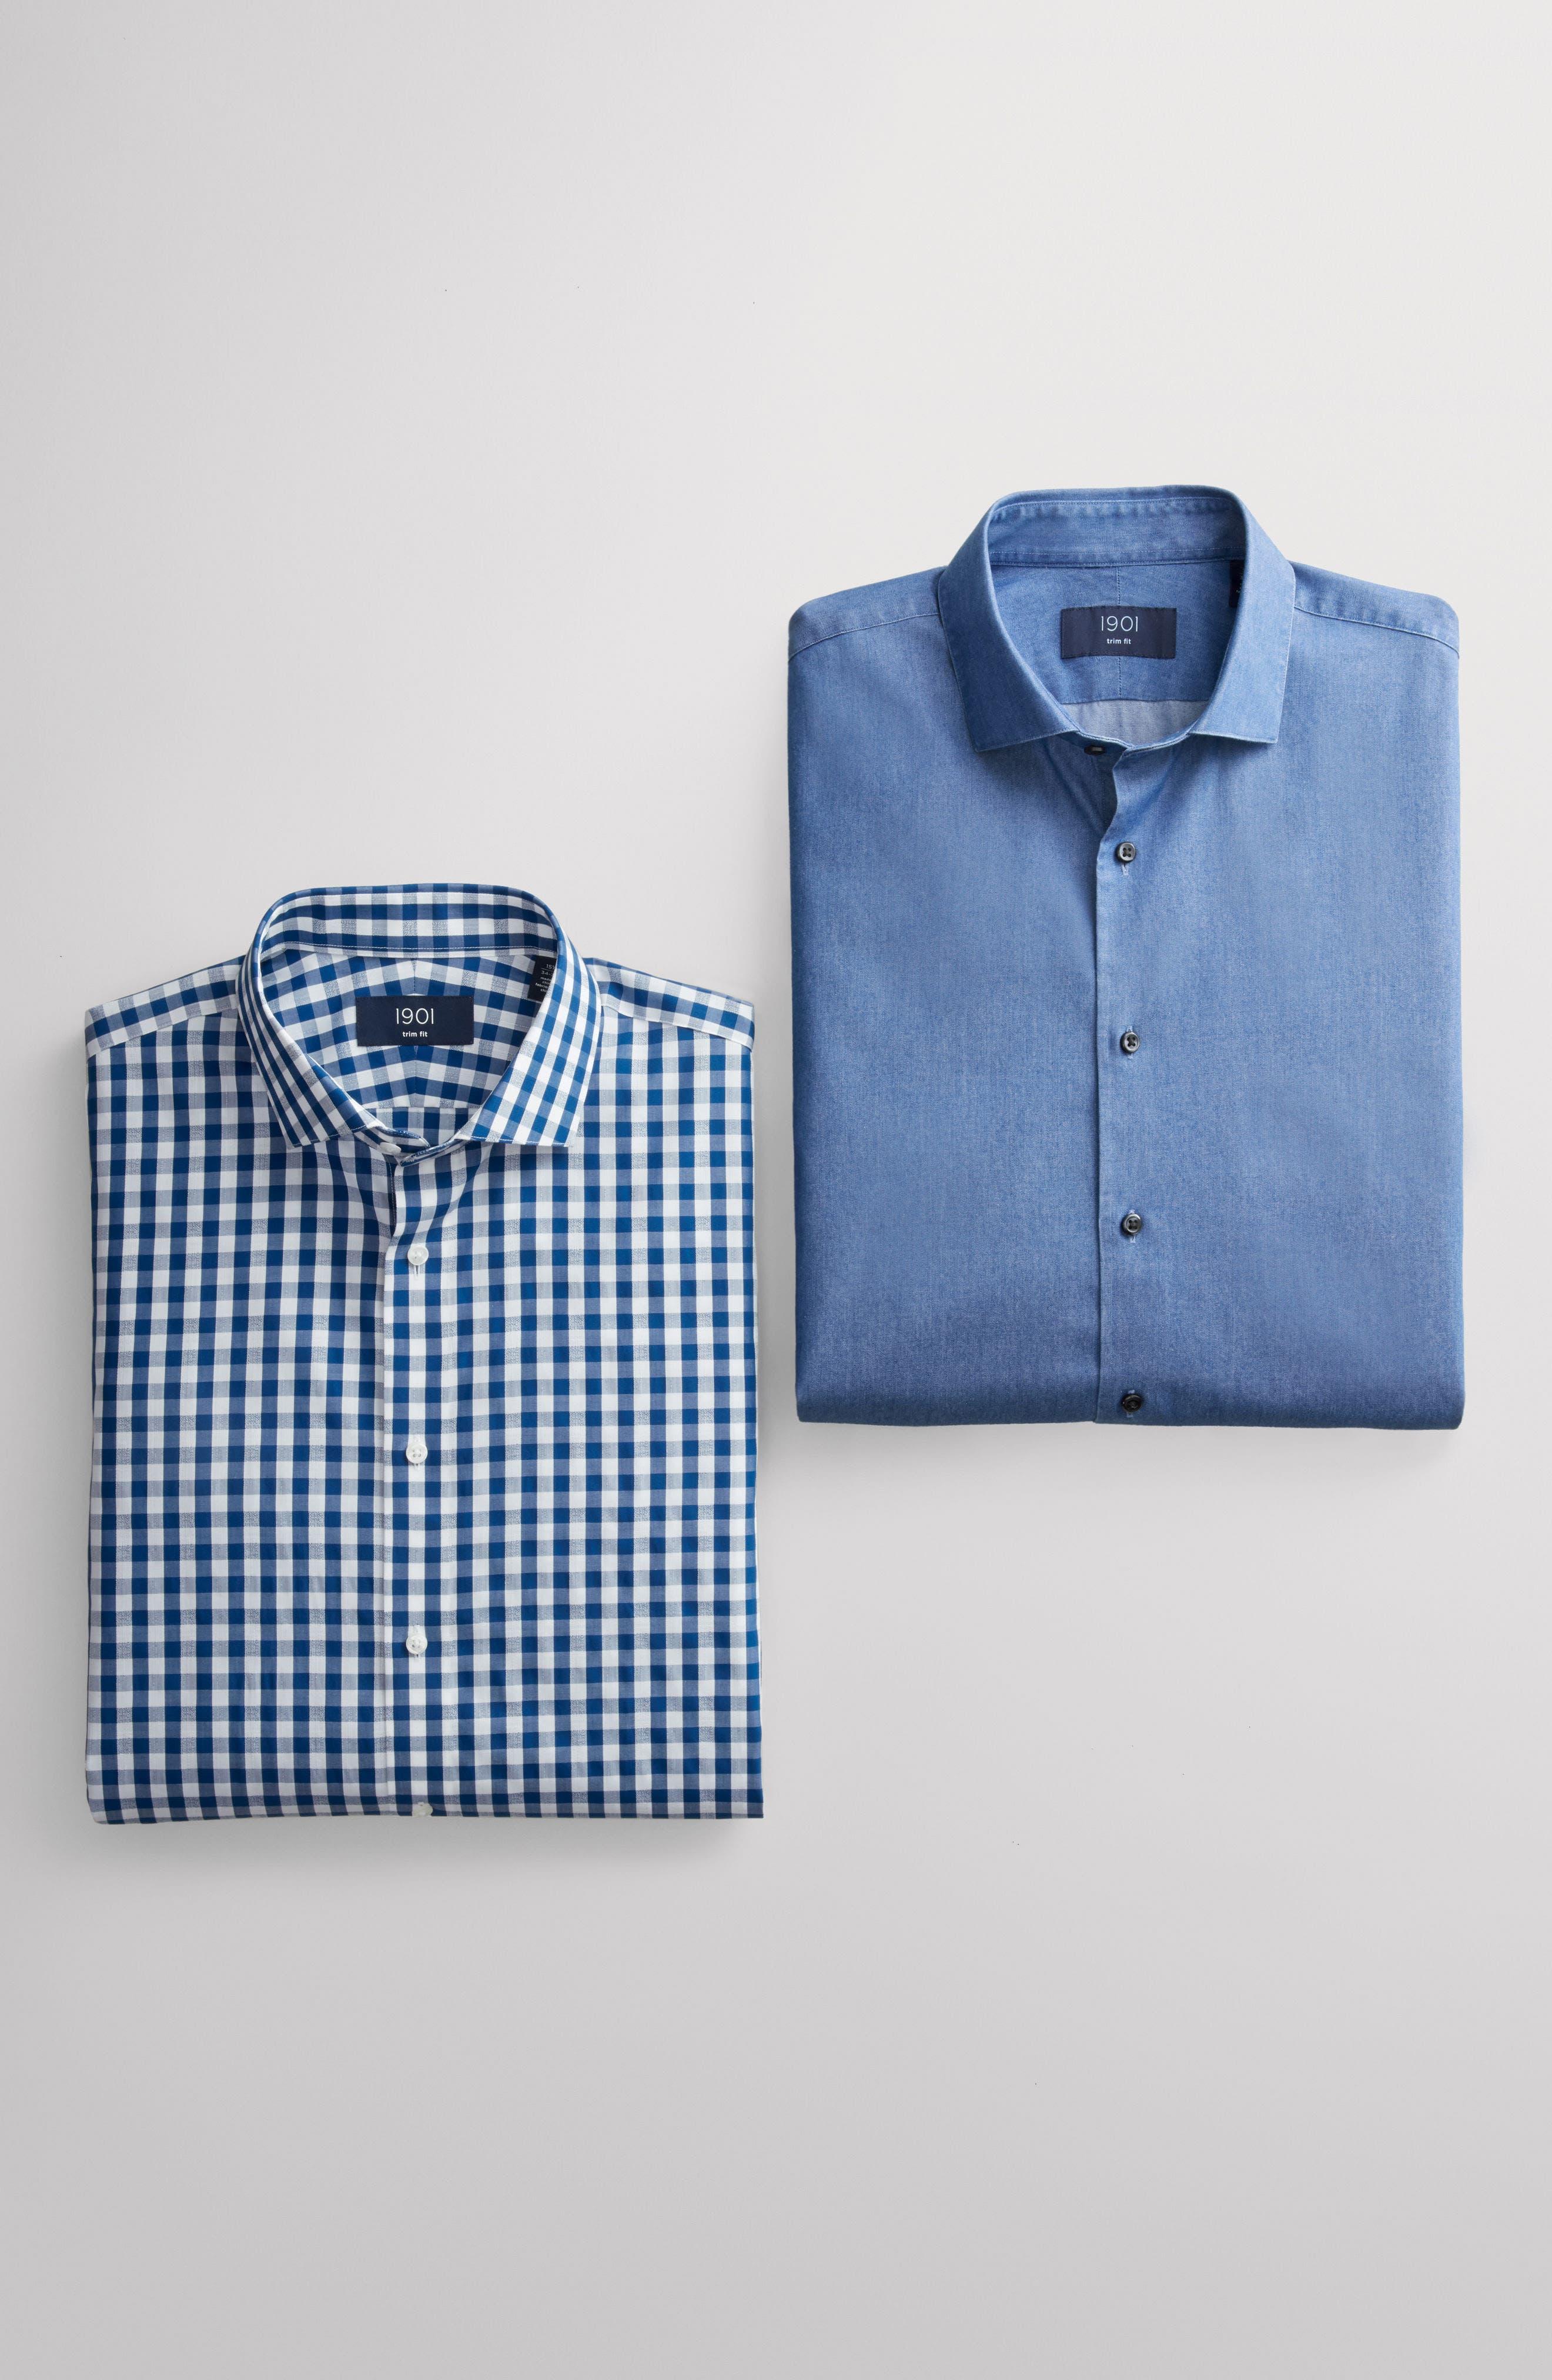 Trim Fit Check Dress Shirt,                             Alternate thumbnail 7, color,                             BLUE CASPIA